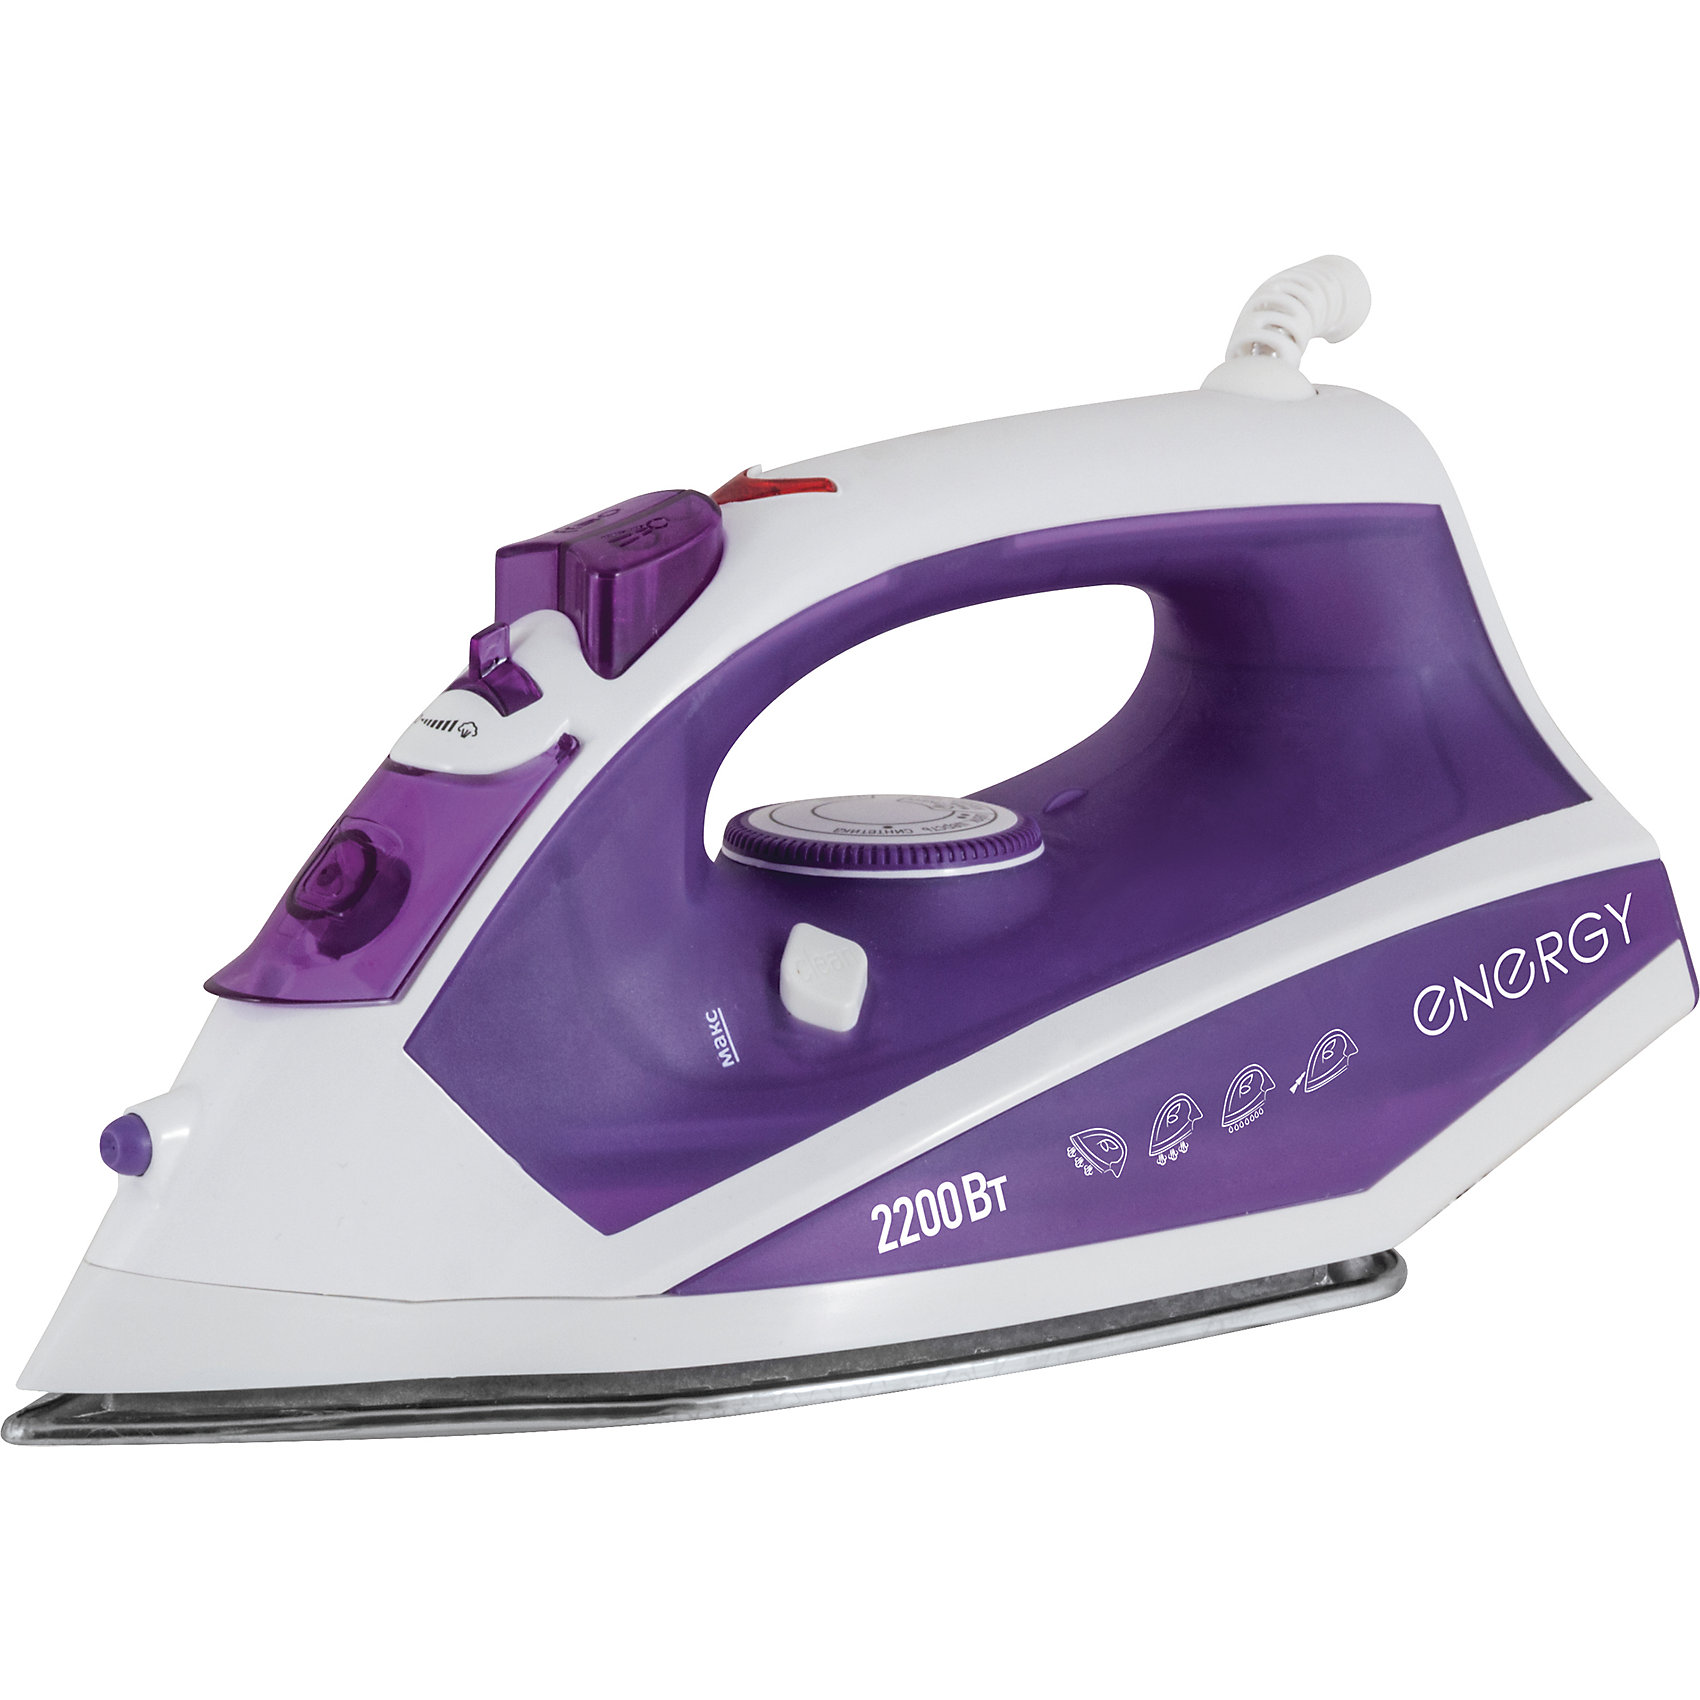 Утюг  EN-308,фиолетовый, ENERGYУтюг EN-308,фиолетовый, ENERGY (Энерджи)<br><br>Характеристики:<br><br>• подошва из нержавеющей стали<br>• спрей<br>• пар<br>• вертикальный пар<br>• паровой удар<br>• мощность: 2200 Вт<br>• вес: 1,5 кг<br>• цвет: фиолетовый<br><br>С утюгом EN-308 вы всегда будете выглядеть аккуратно и опрятно. Подошва из нержавеющей стали хорошо скользит по ткани. Утюг оснащен всеми необходимыми функциями: пар, спрей, паровой удар и вертикальный пар. После глажки утюг можно оставить в вертикальном положении. Мощность - 2200 Вт.<br><br>Утюг EN-308,фиолетовый, ENERGY (Энерджи) можно купить в нашем интернет-магазине.<br><br>Ширина мм: 290<br>Глубина мм: 120<br>Высота мм: 150<br>Вес г: 1210<br>Возраст от месяцев: 216<br>Возраст до месяцев: 1188<br>Пол: Унисекс<br>Возраст: Детский<br>SKU: 5454030